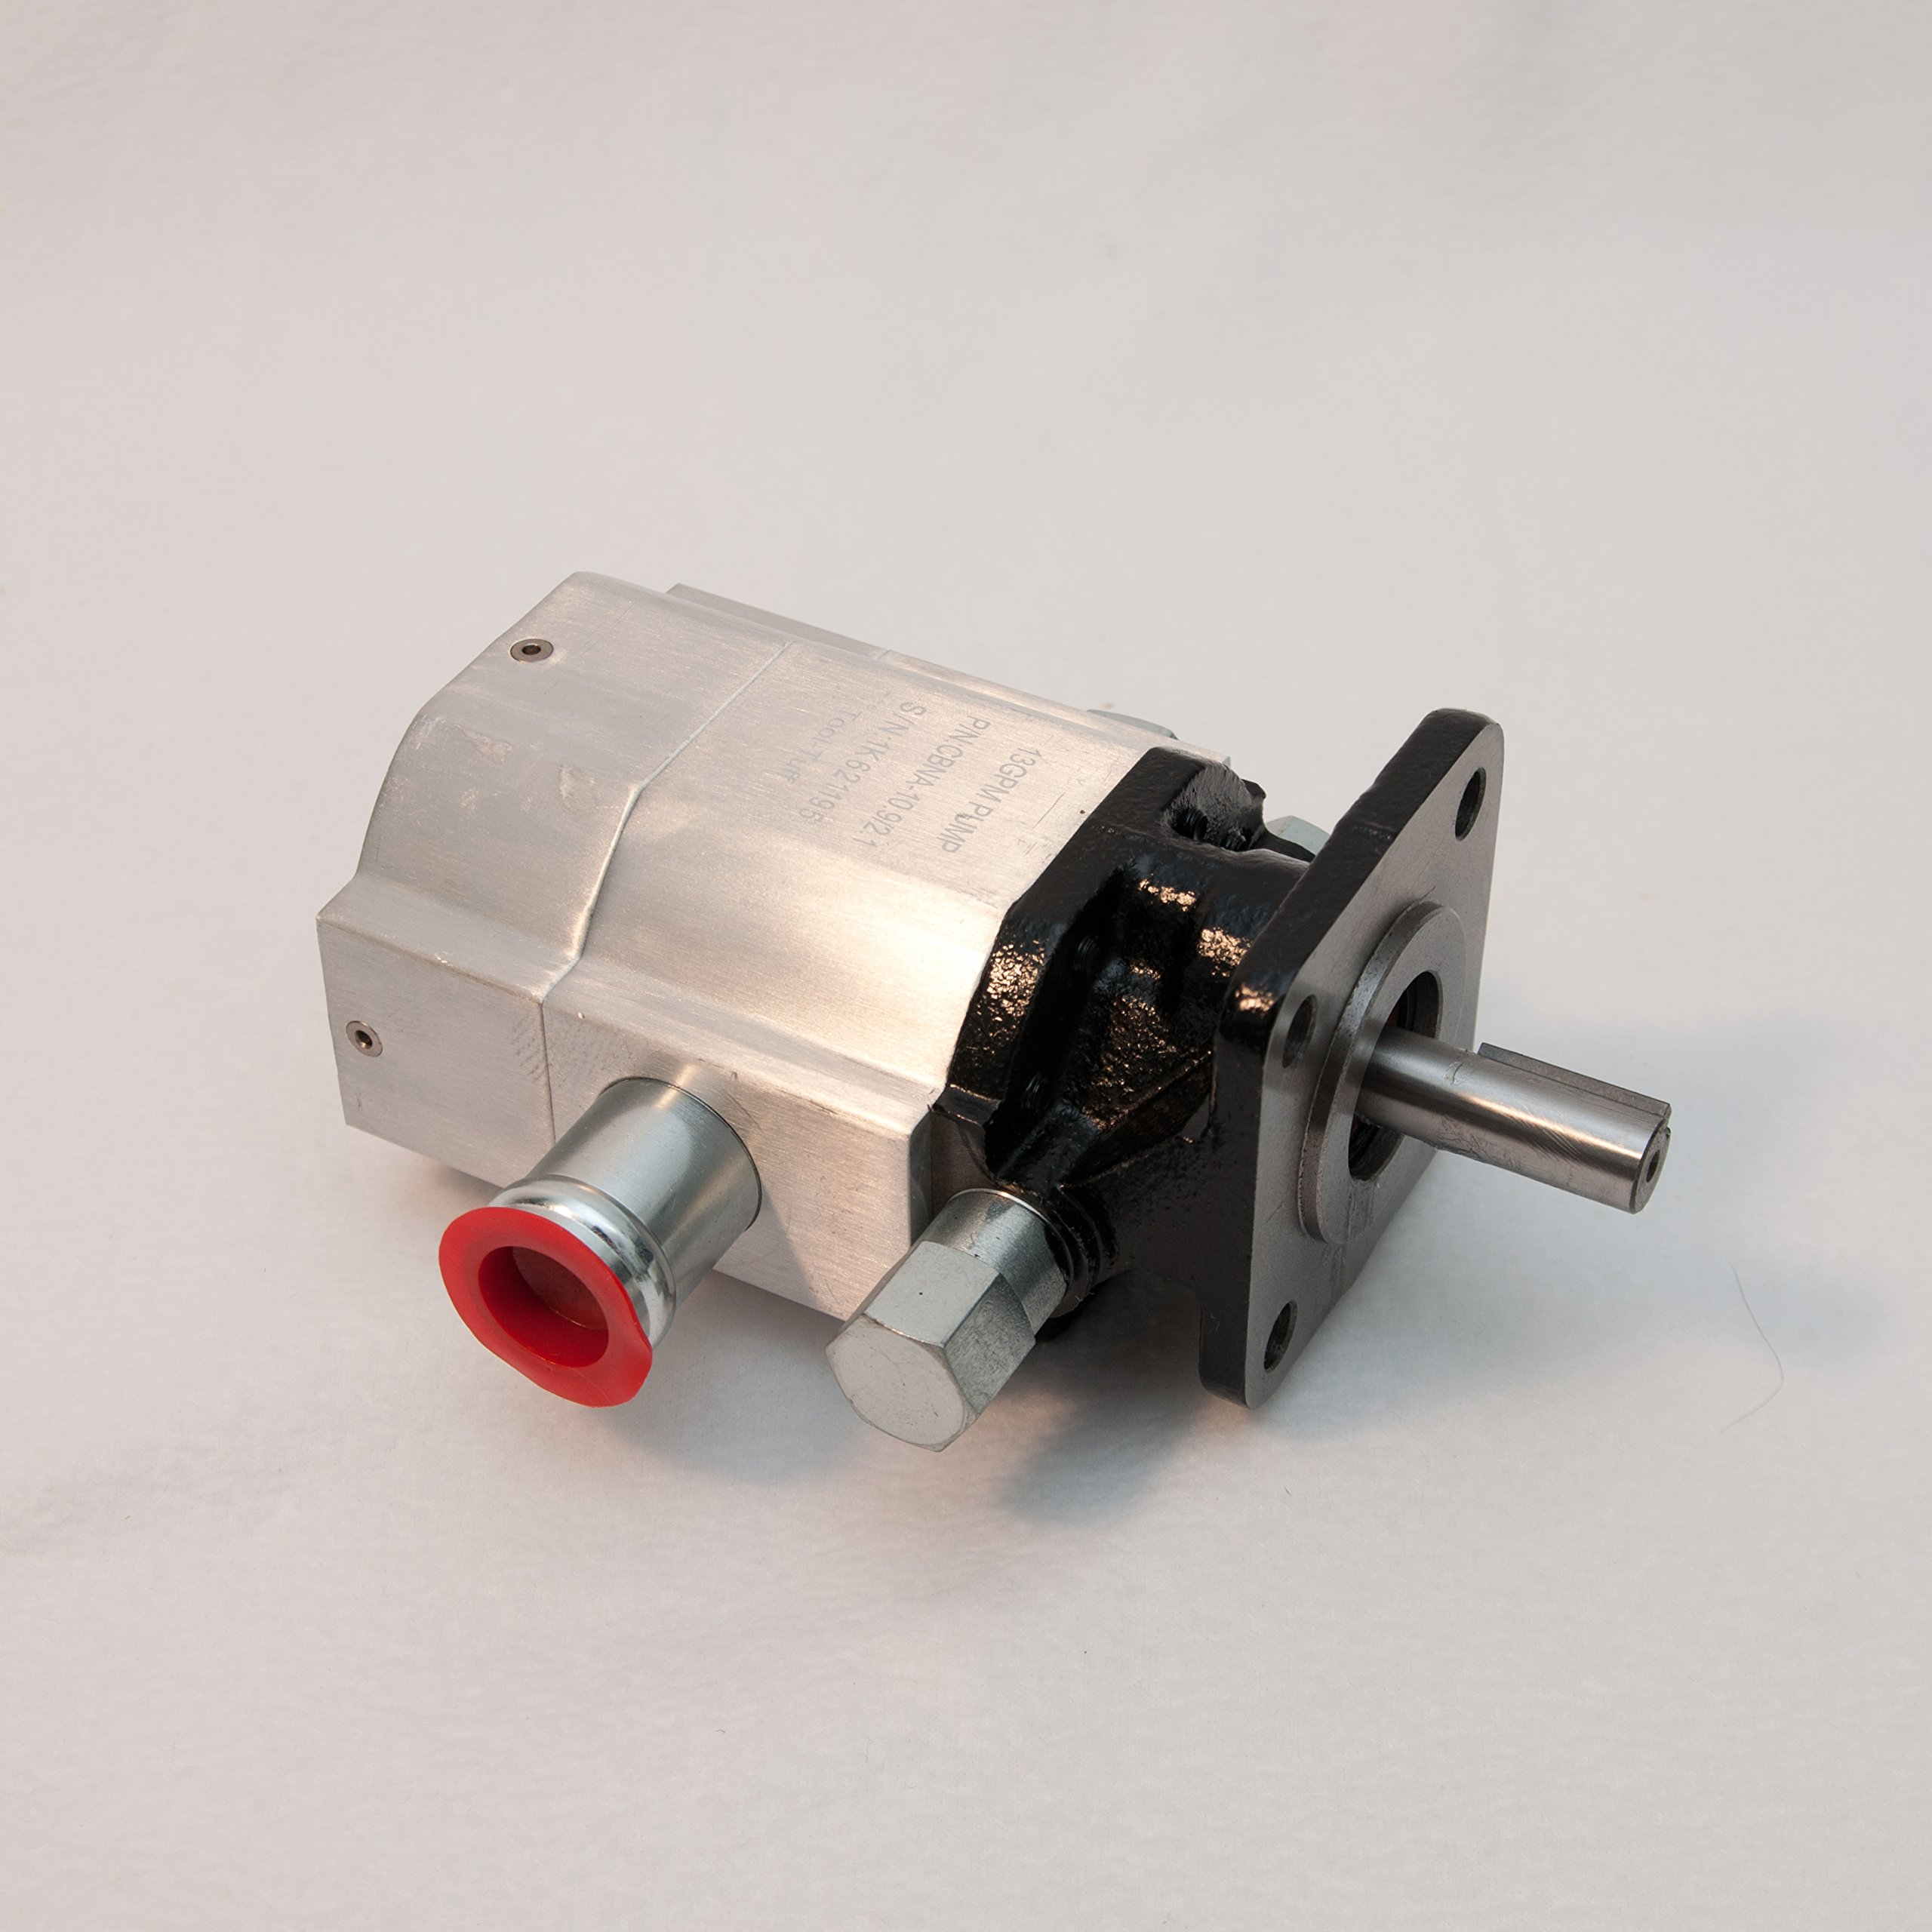 13 gpm Hydraulic Log splitter pump by Tool Tuff